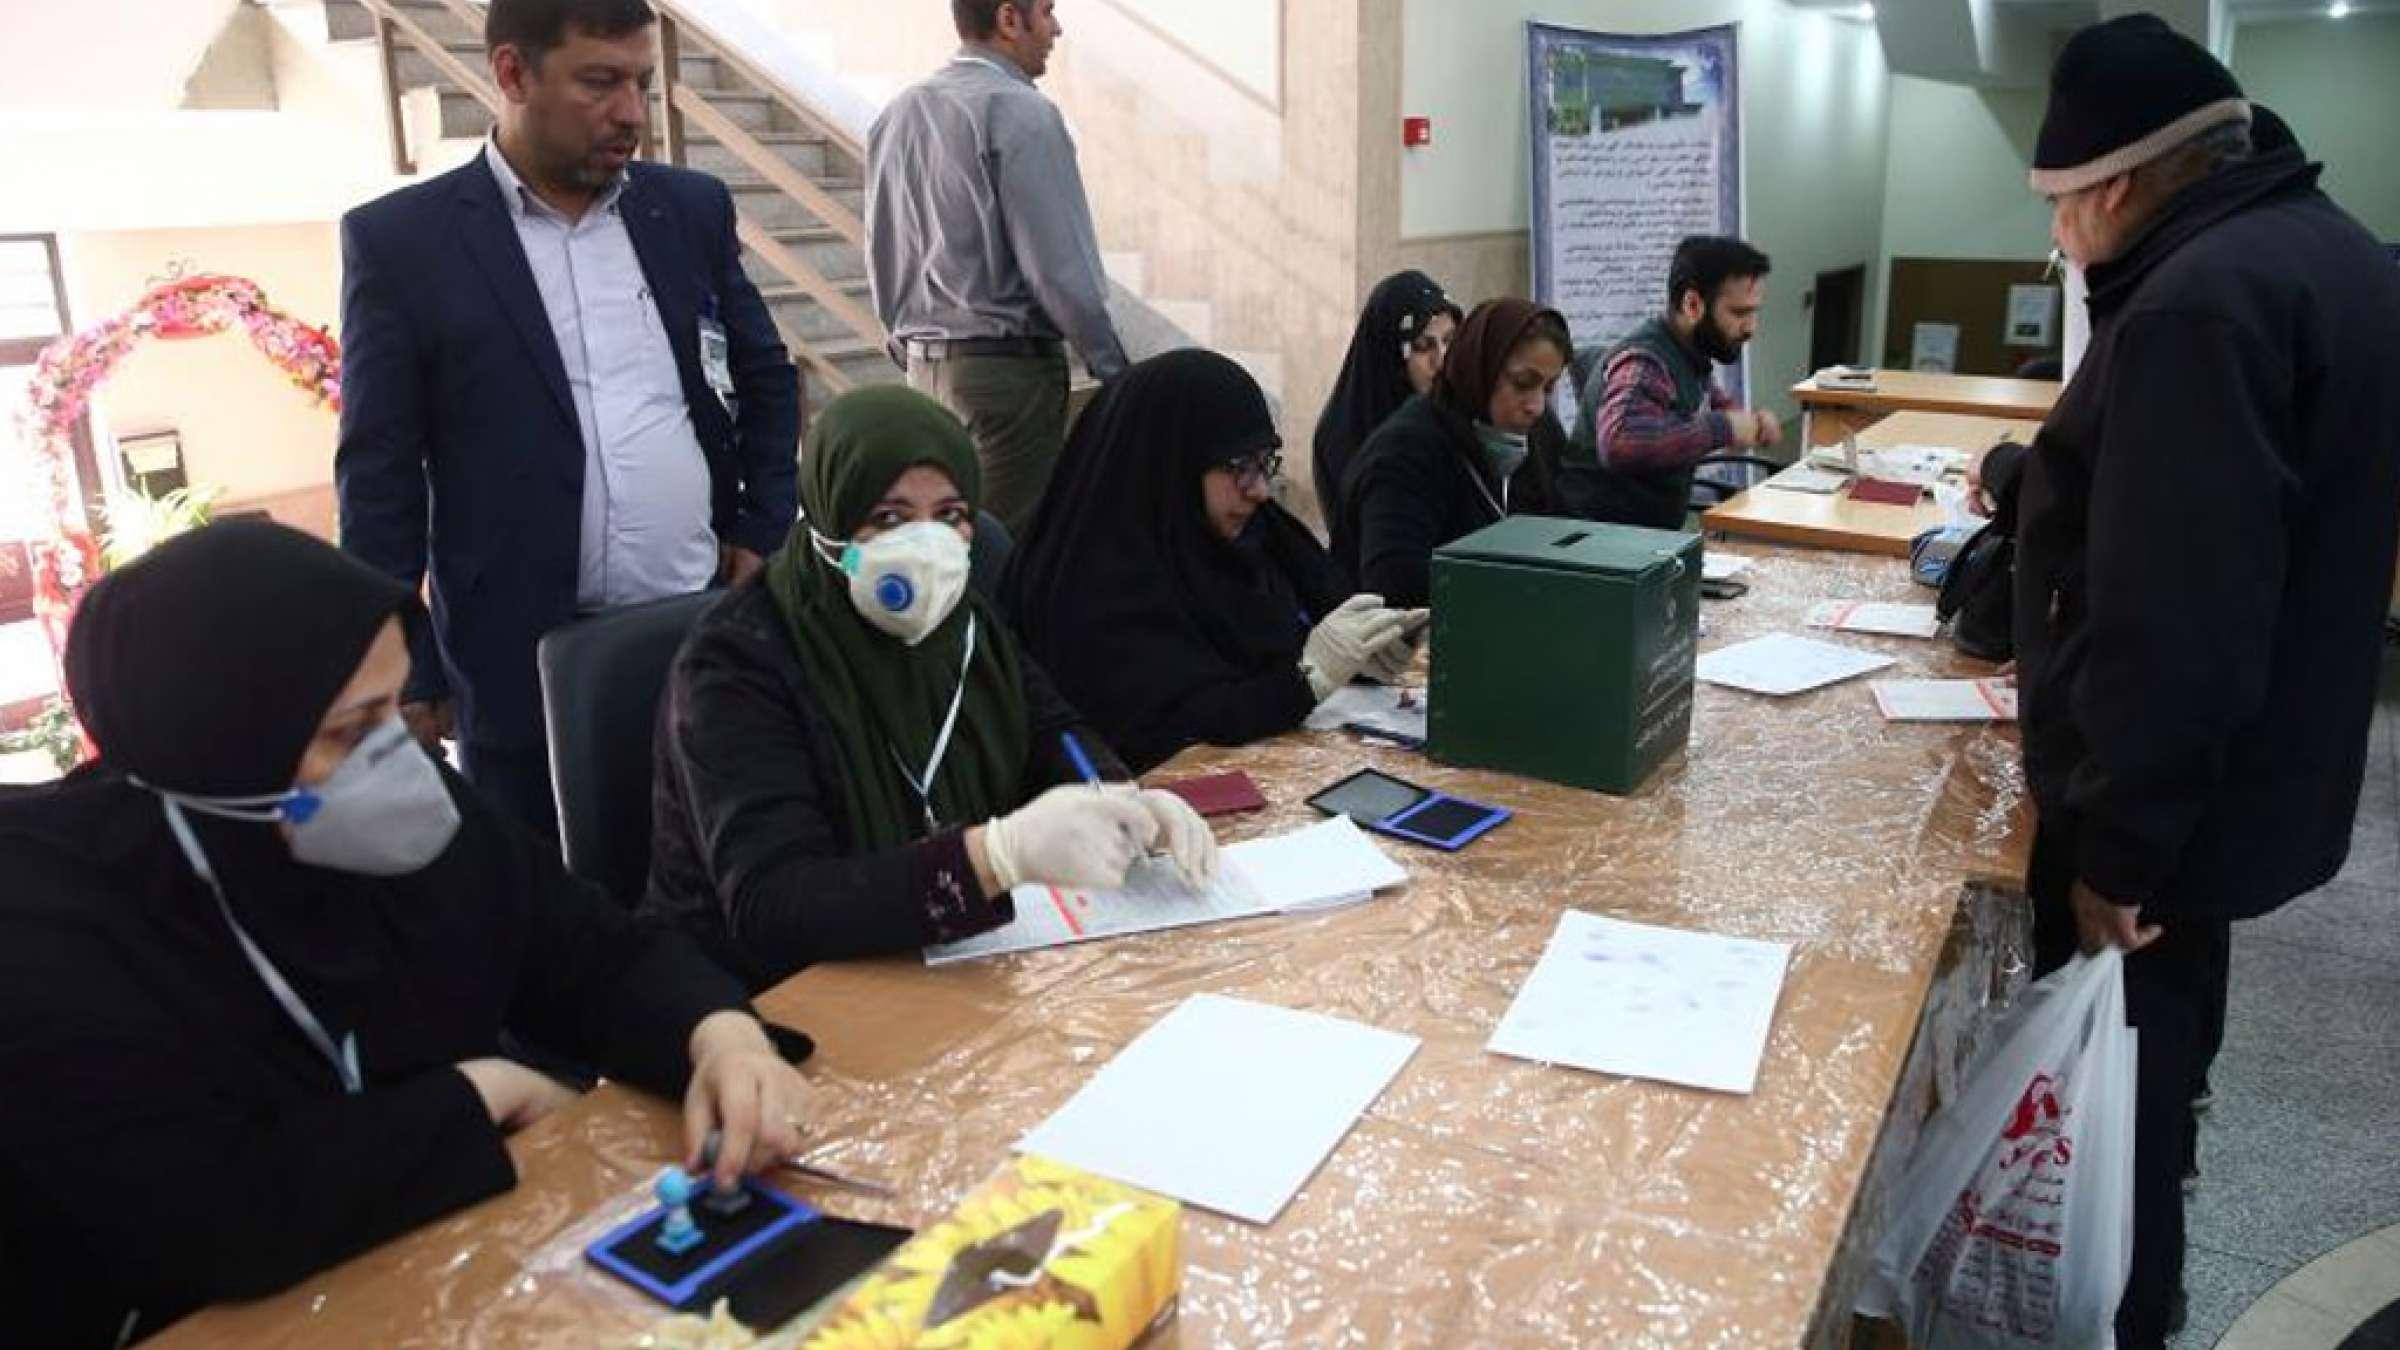 گزارش-تحلیلی-ایران-عاقبت-کرونایی-مهندسی-انتخابات-در-ایران